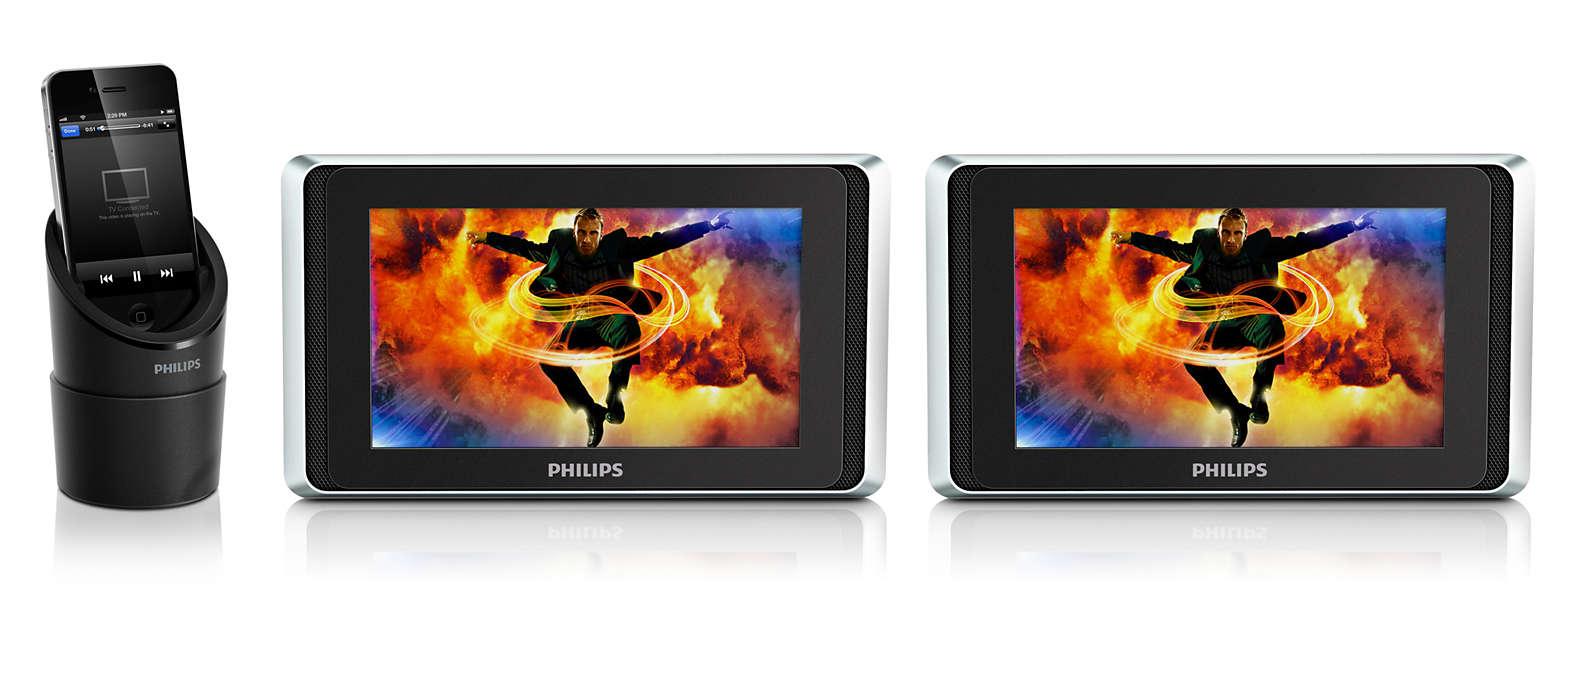 Profitez en voiture des vidéos de votre iPod/iPhone/iPad